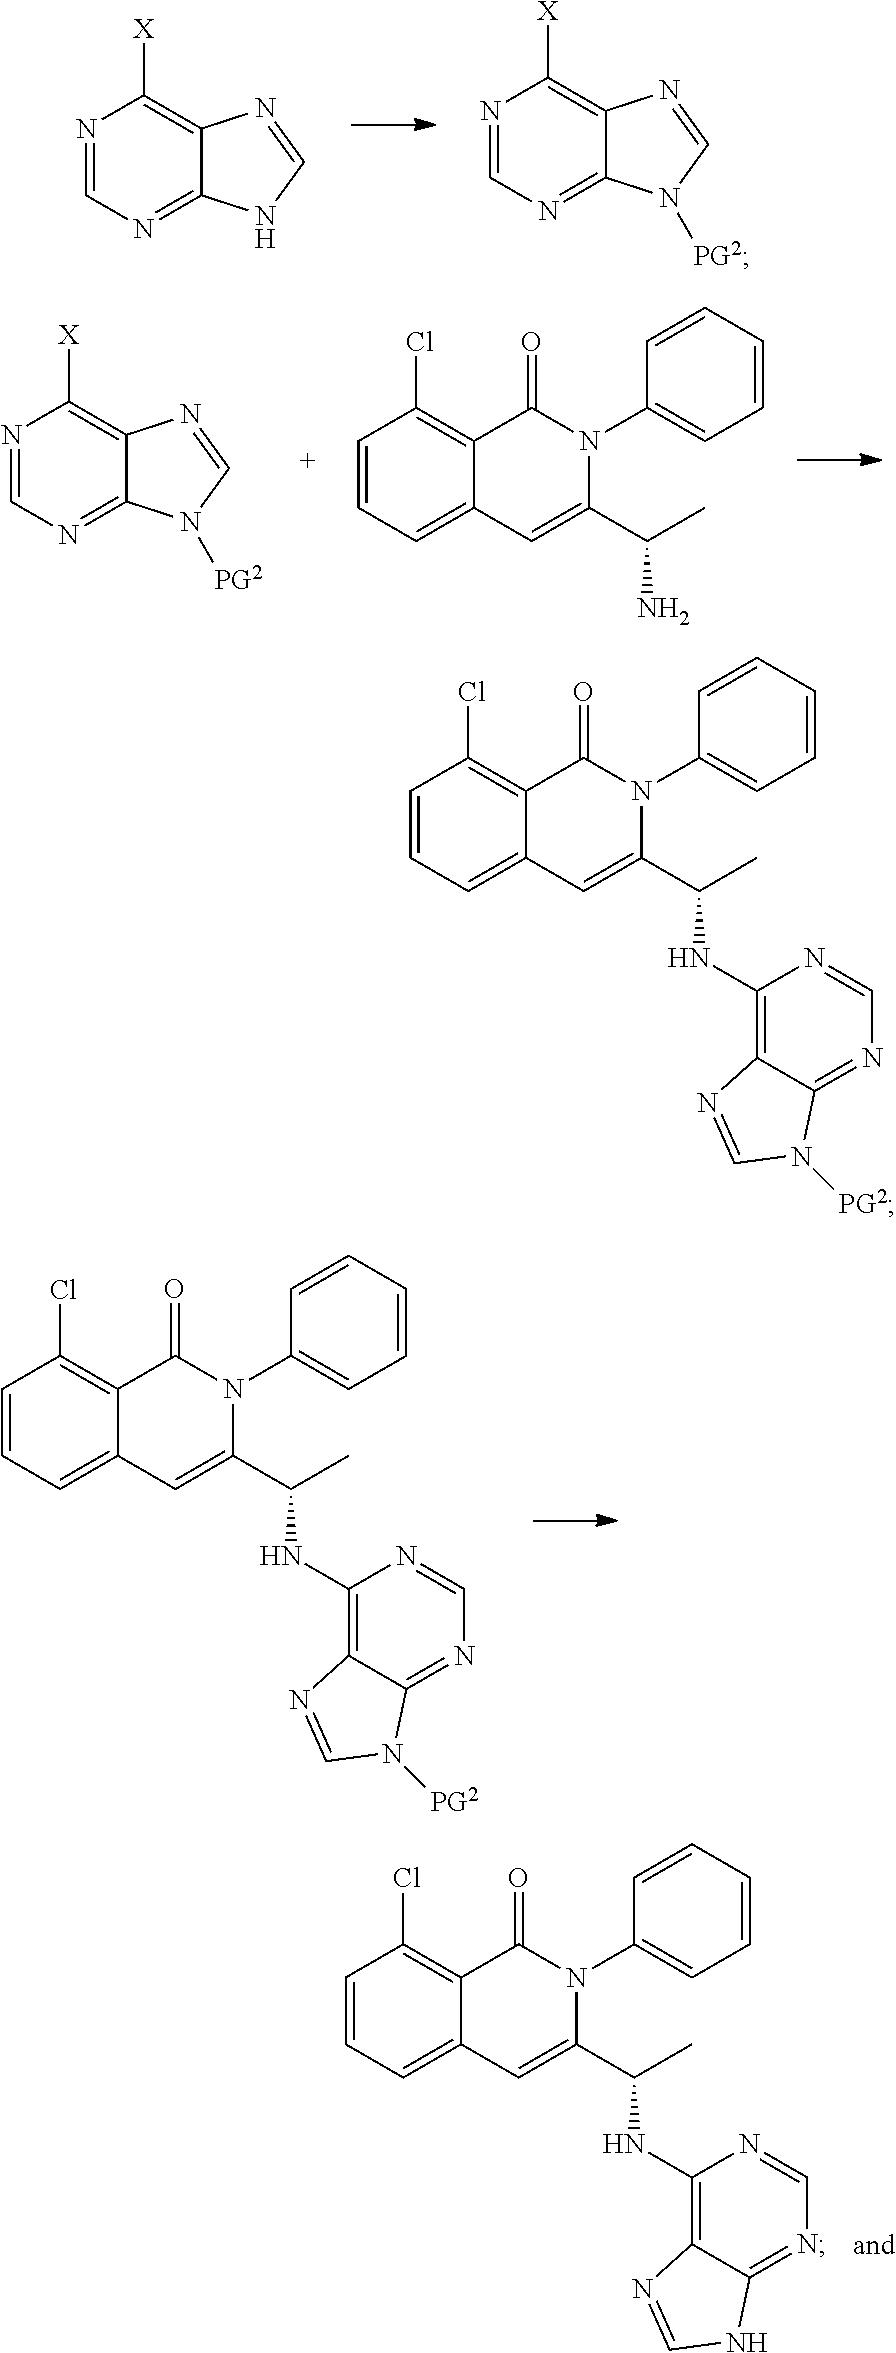 Figure US09840505-20171212-C00020